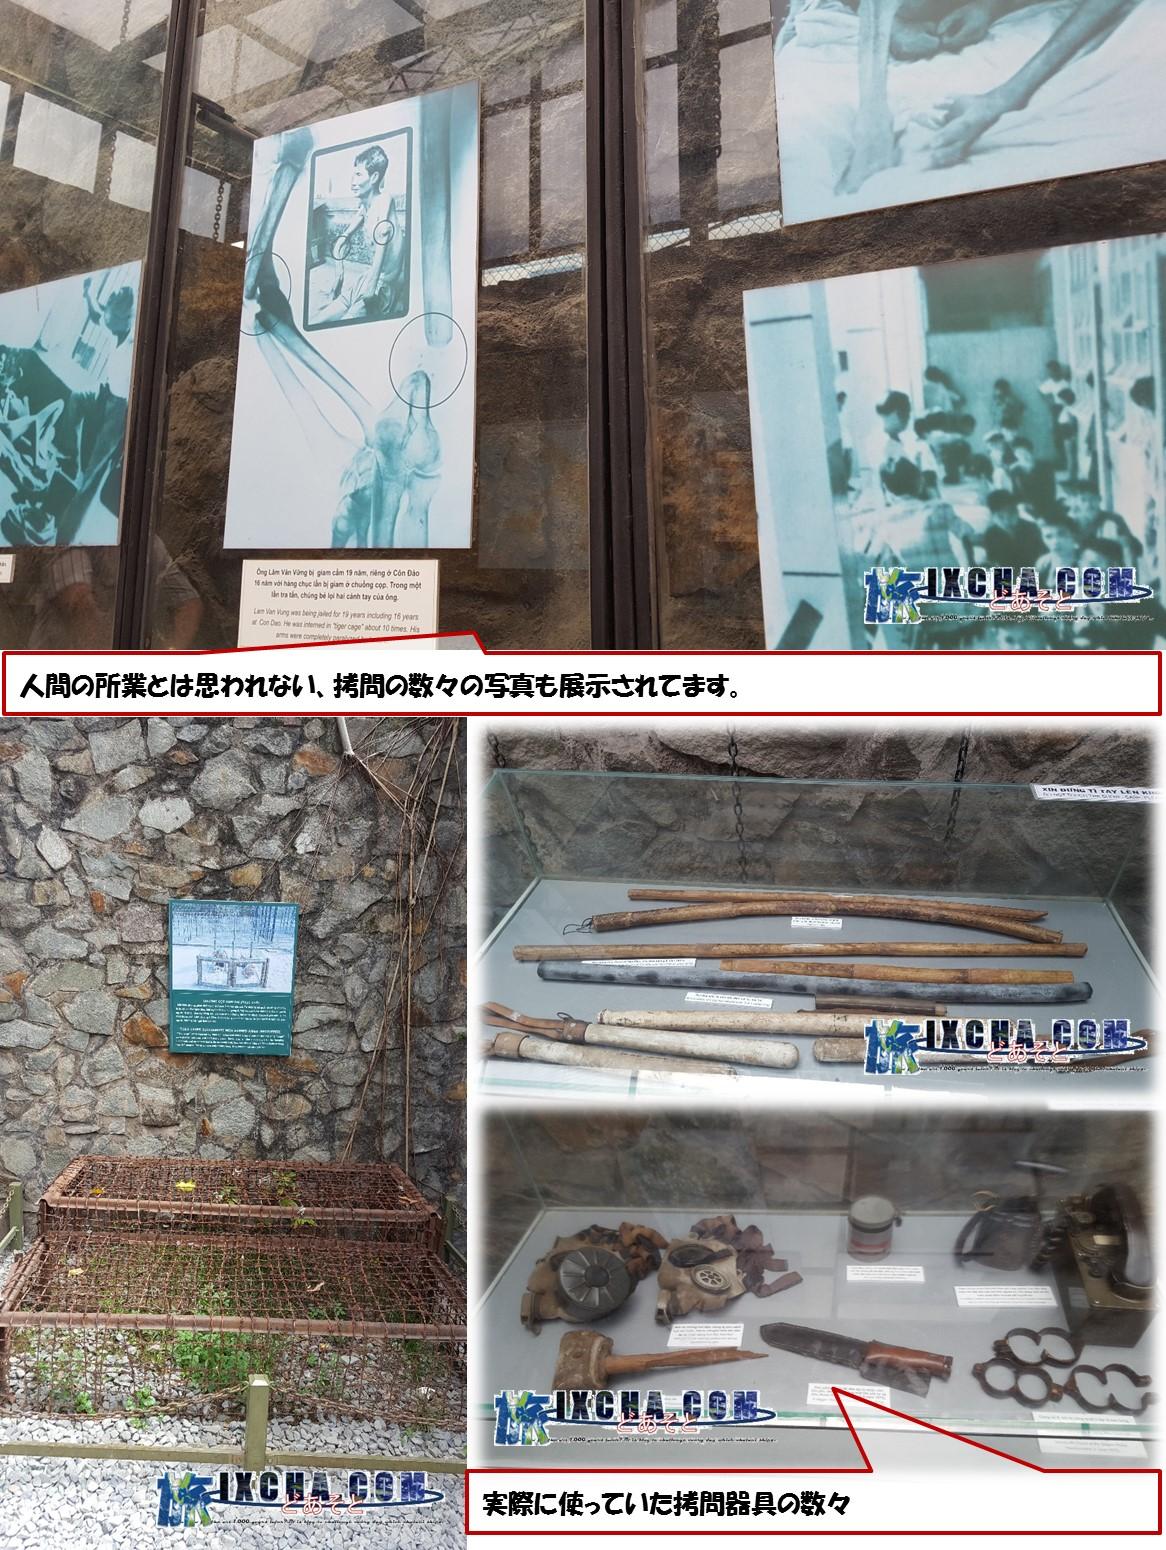 人間の所業とは思われない、拷問の数々の写真も展示されてます。 実際に使っていた拷問器具の数々